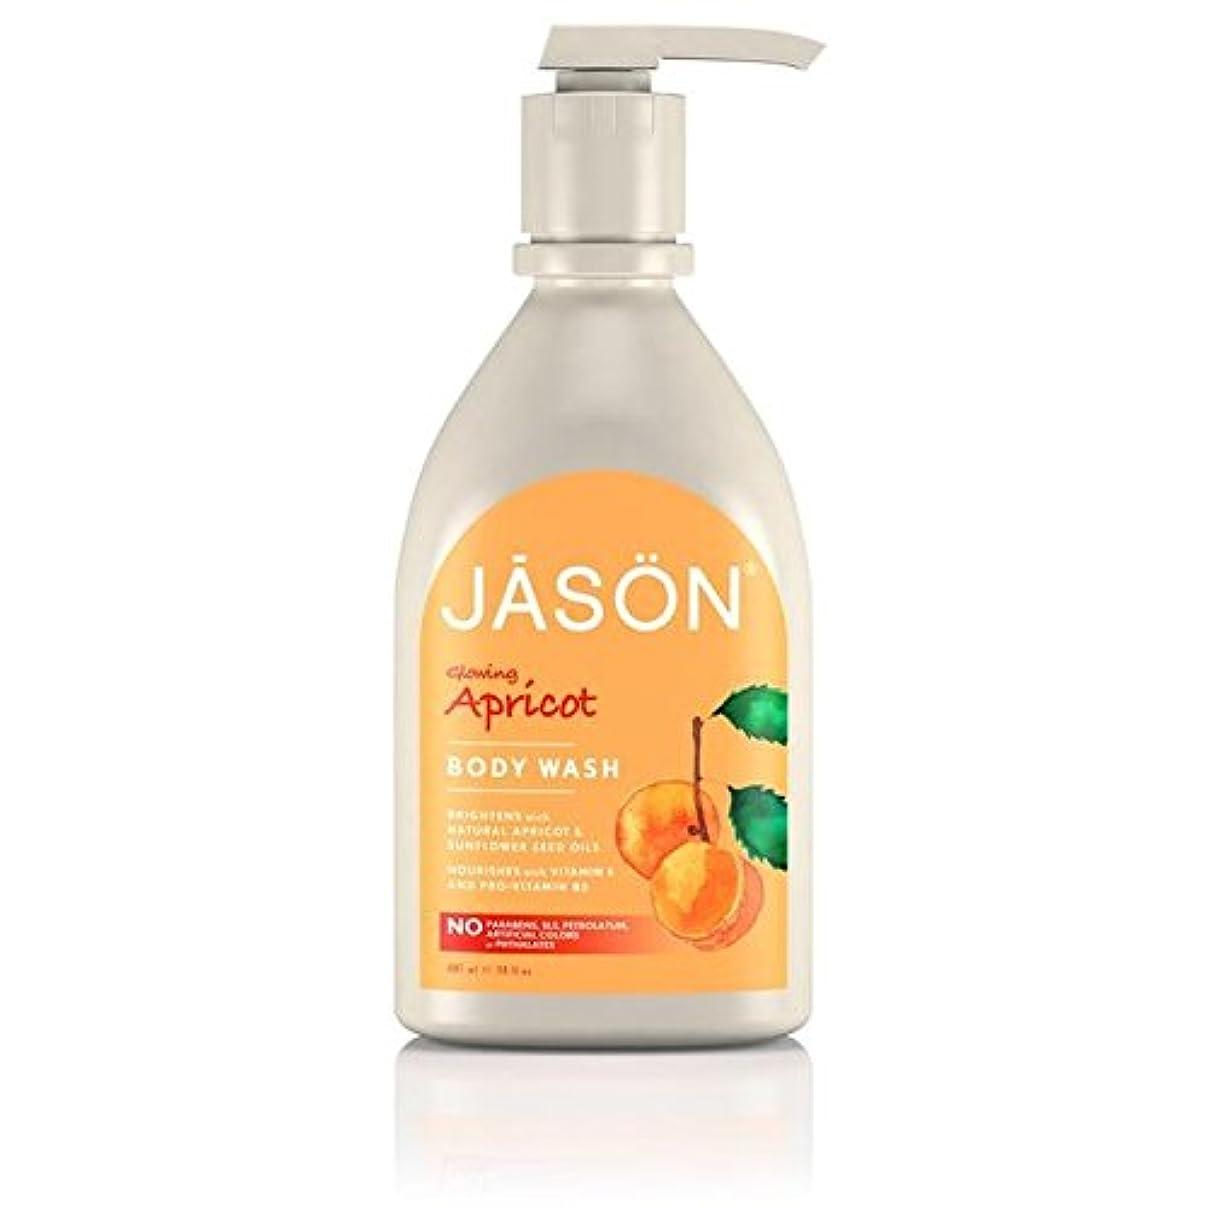 お酢作動する期待してジェイソン?アプリコットサテンボディウォッシュポンプ900ミリリットル x2 - Jason Apricot Satin Body Wash Pump 900ml (Pack of 2) [並行輸入品]